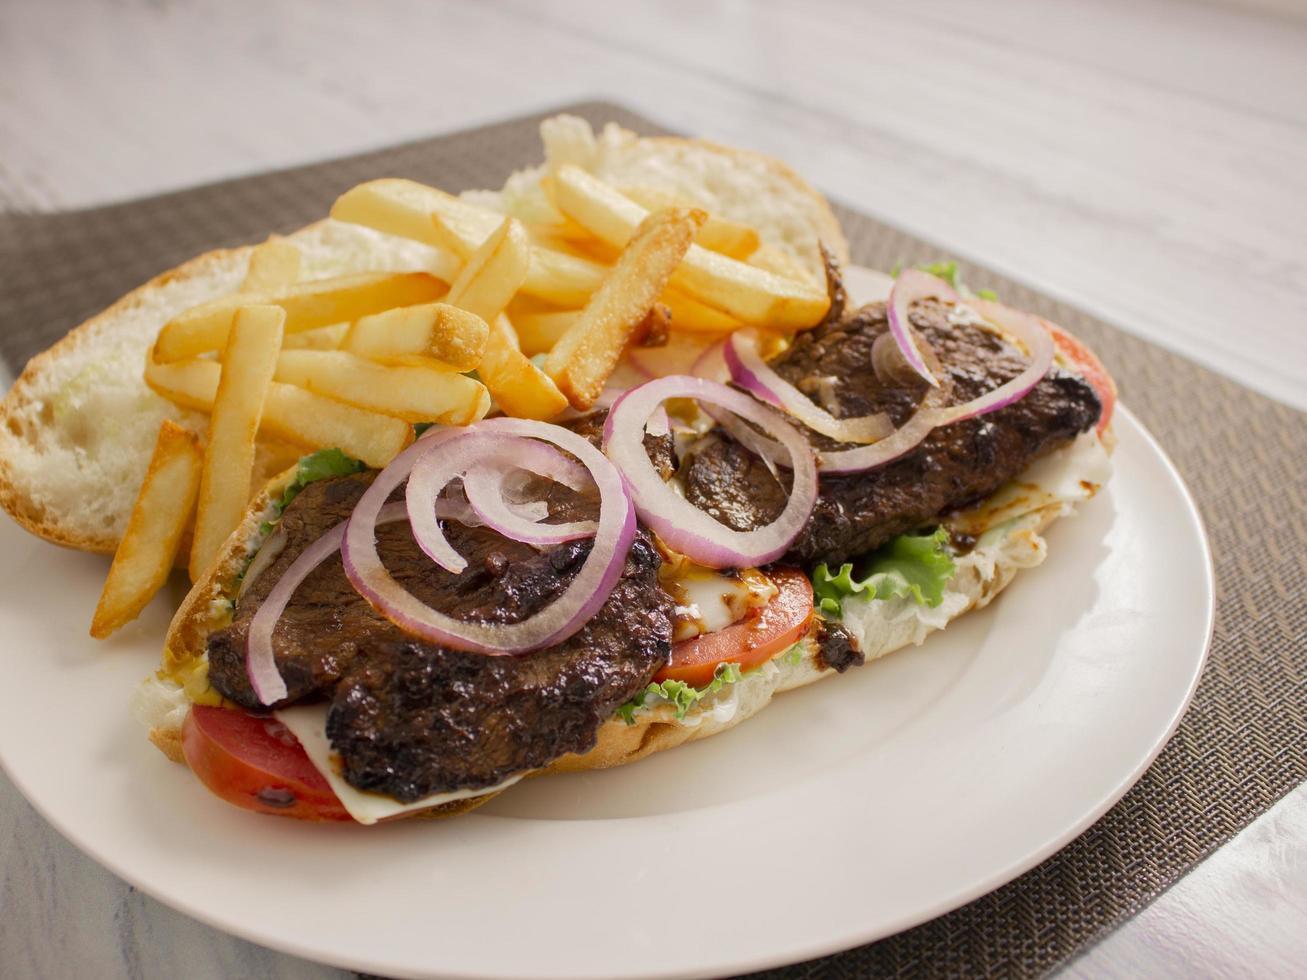 sandwich au filet de bœuf. photo